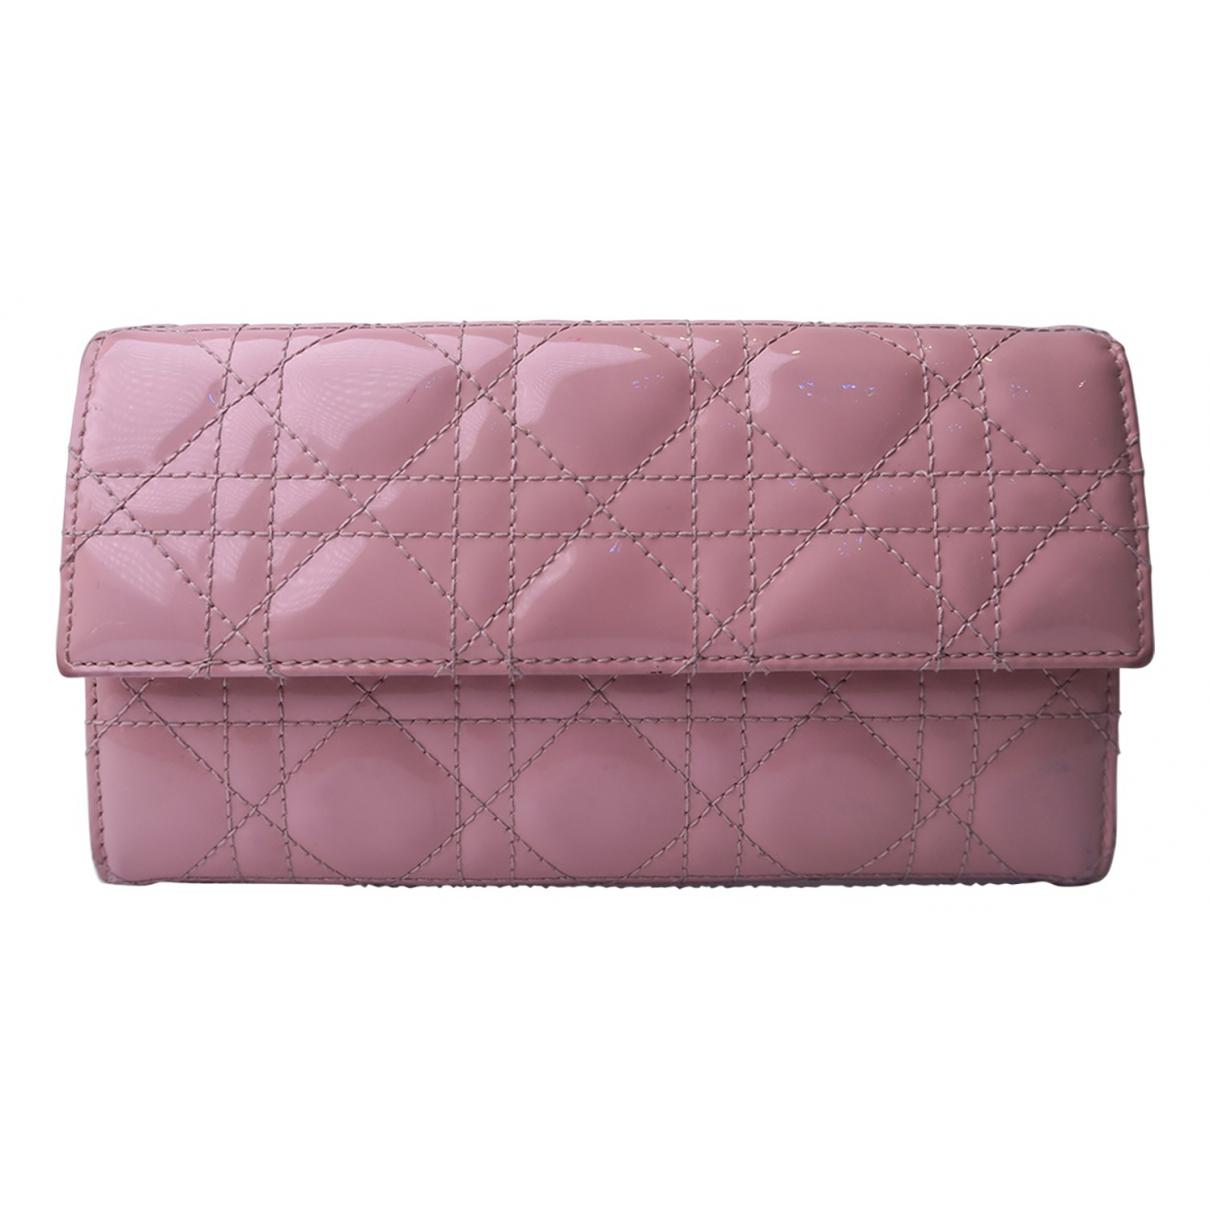 Dior Lady Dior Portemonnaie in  Rosa Lackleder